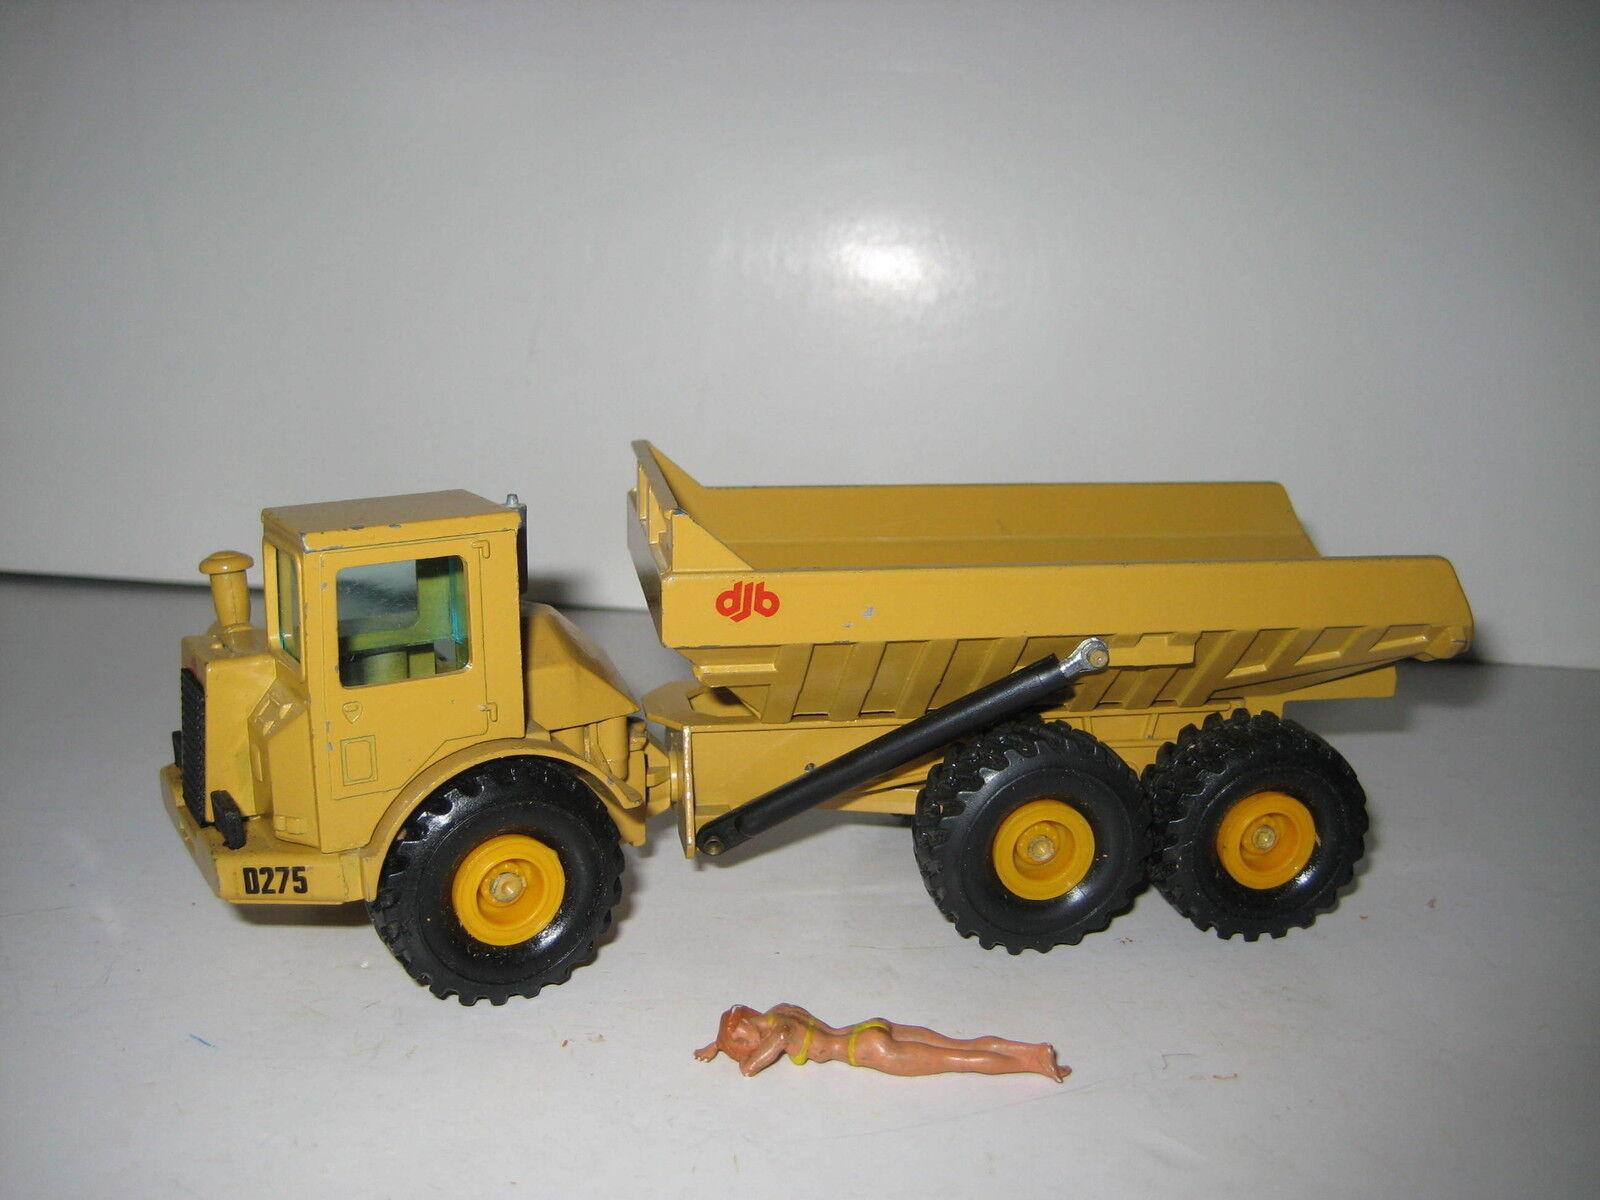 DJB D 275 Dumper NZG 1 50 RAR